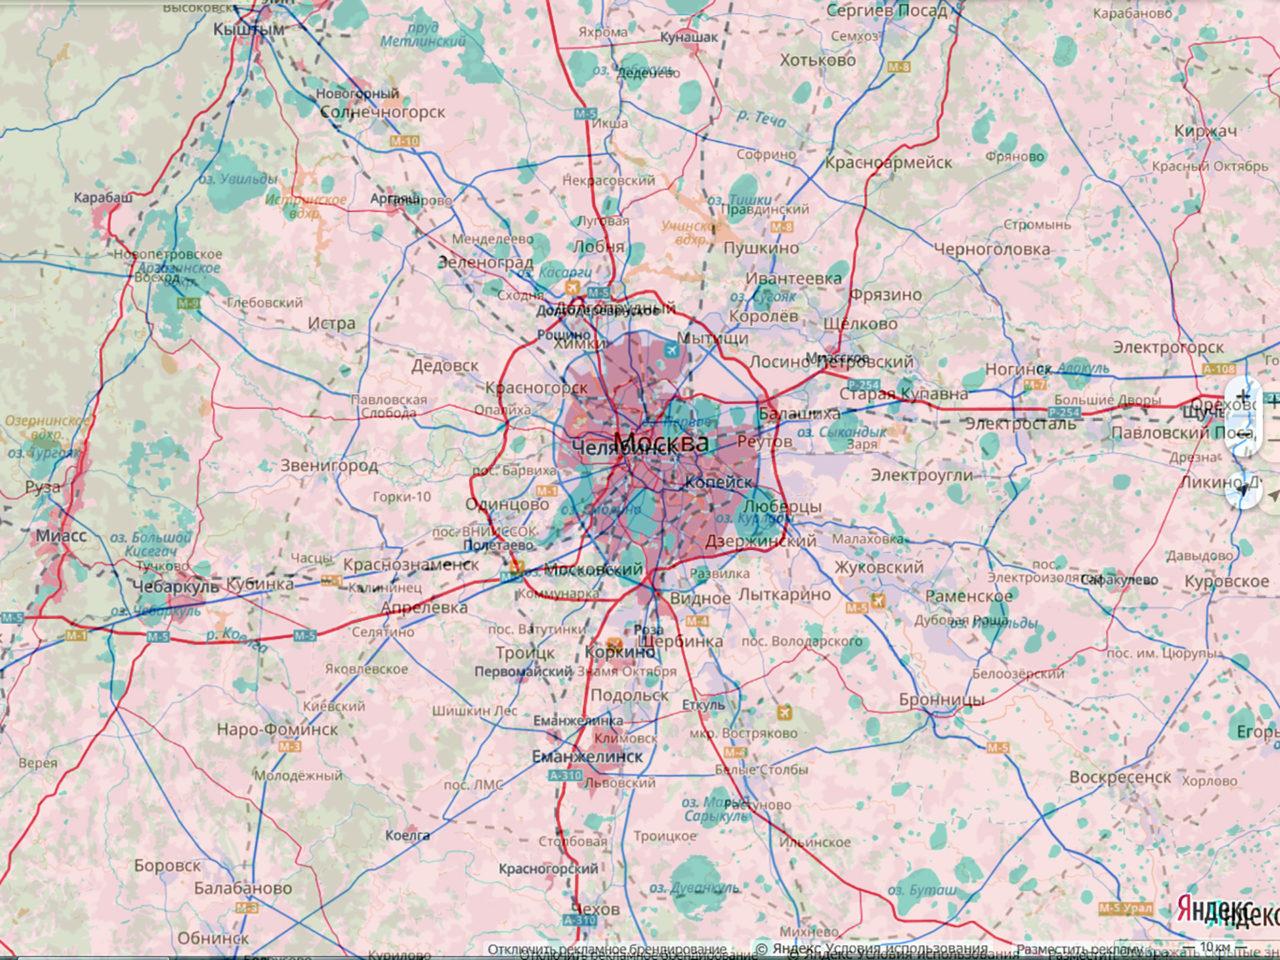 Сравнение территорий Москвы и Челябинска